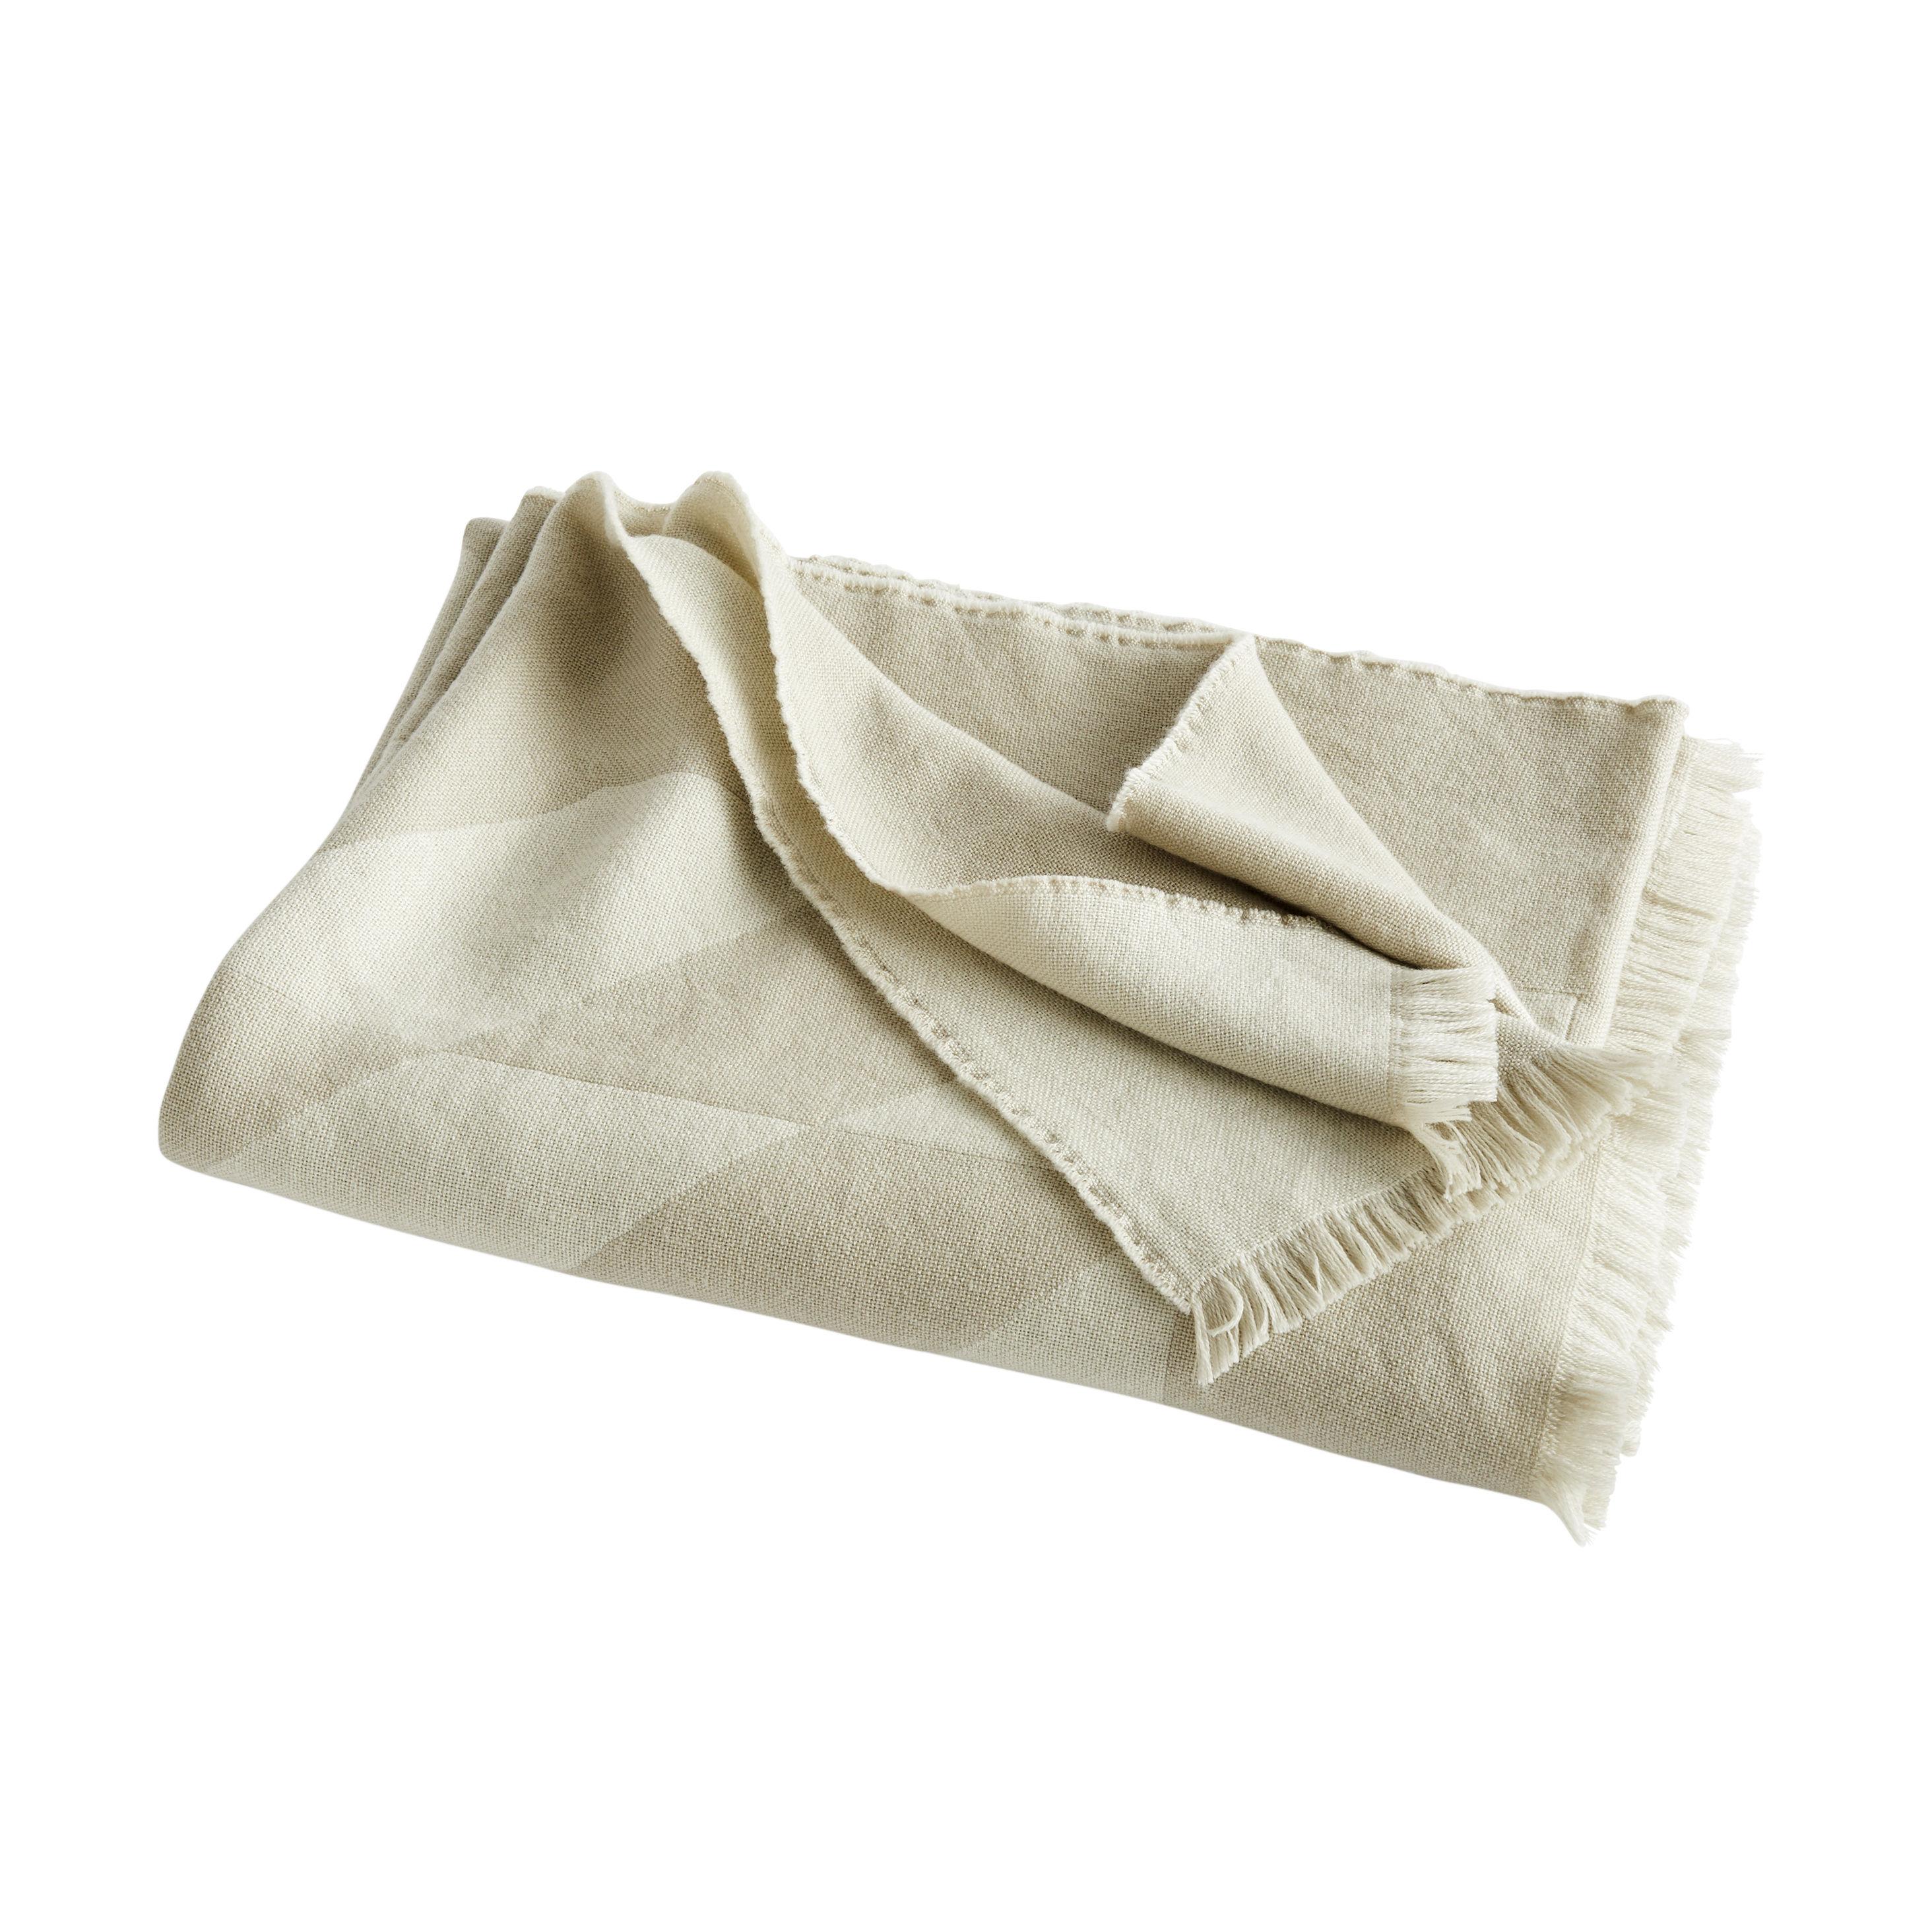 Déco - Textile - Plaid Star / 180 x 130 cm - Laine - Hay - Gris - Laine Mérinos